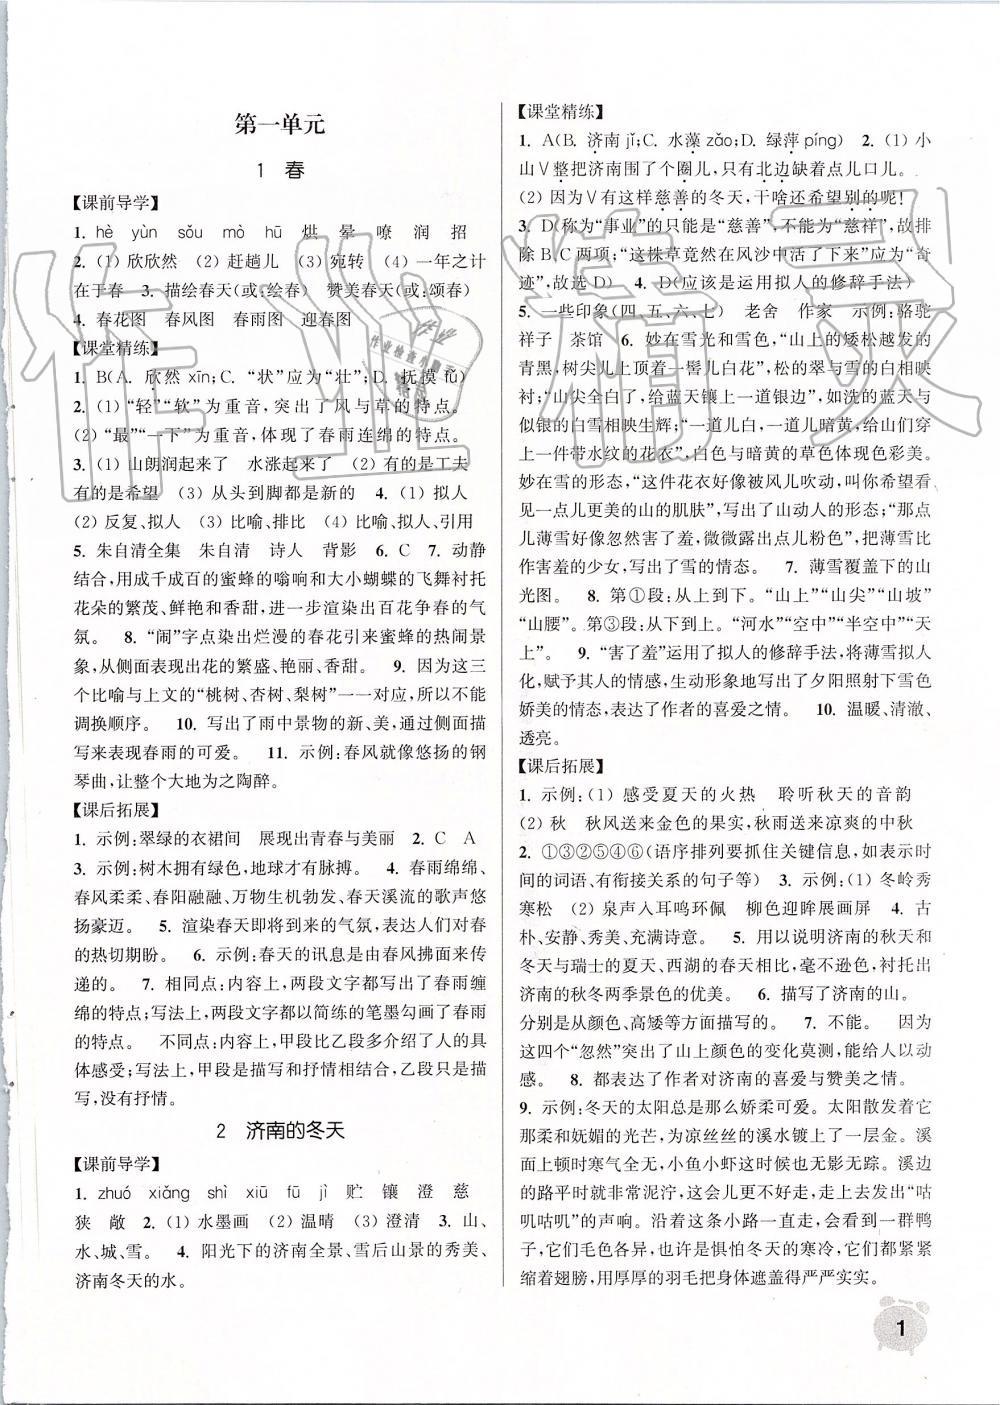 2019年通城学典课时作业本七年级语文上册人教版第1页